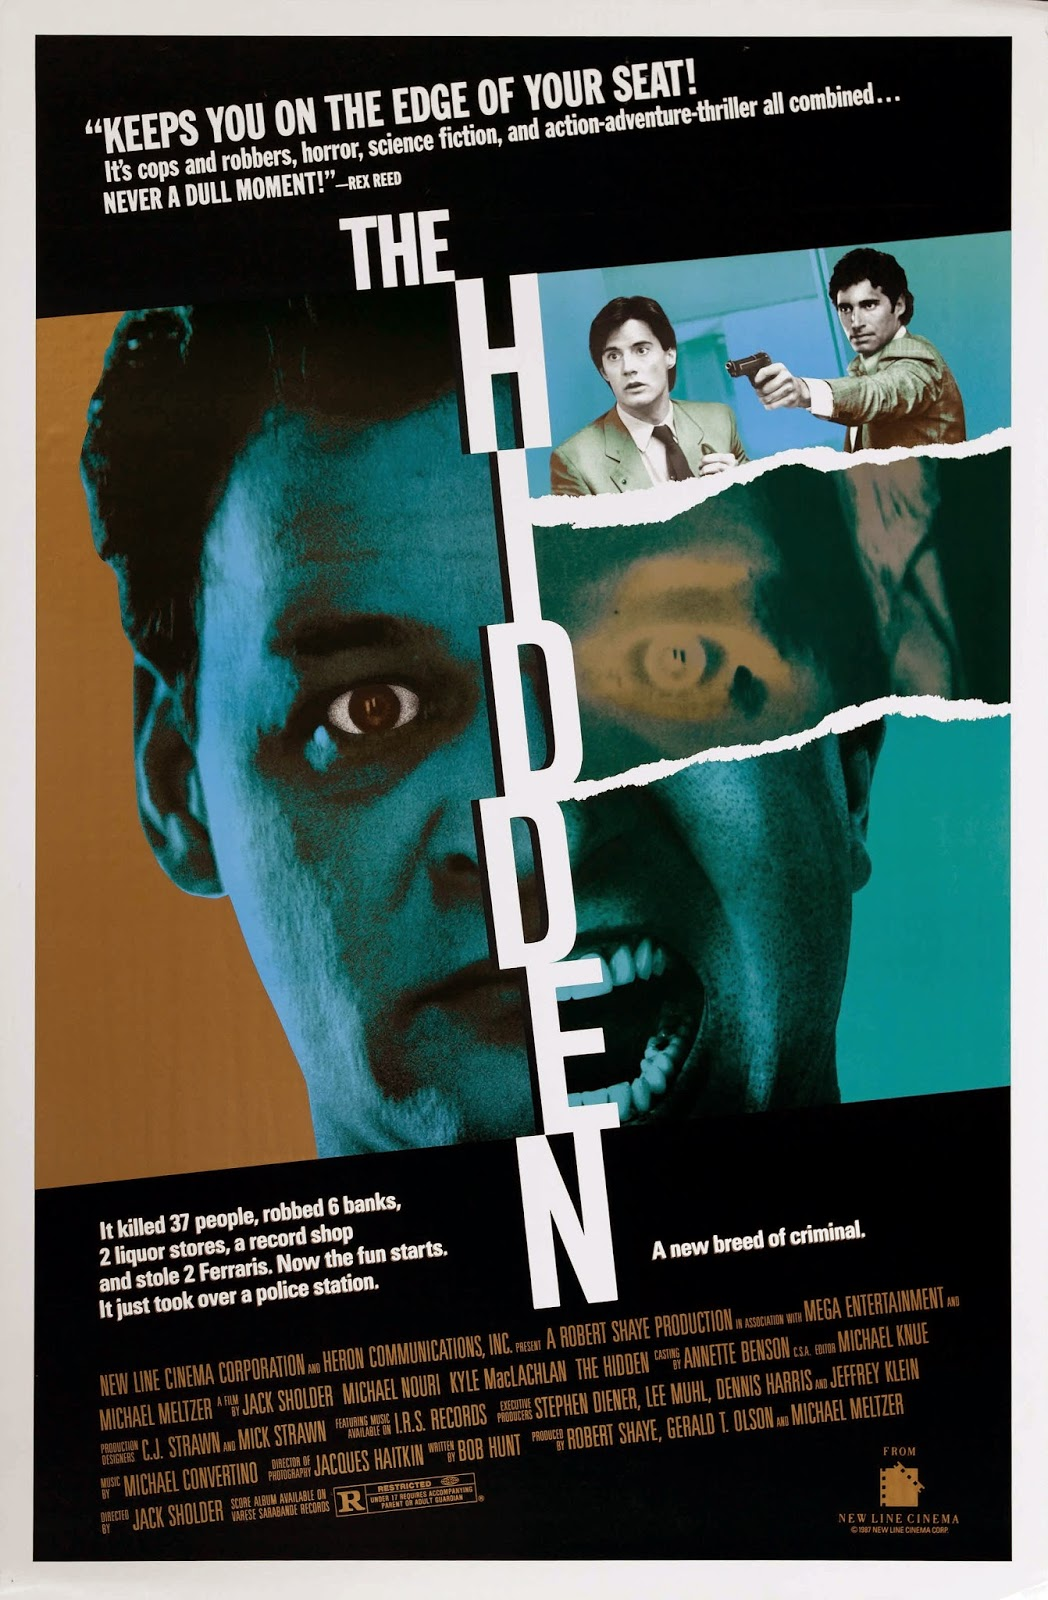 http://4.bp.blogspot.com/-TJx-E5E1N7s/VTdmg-pA-hI/AAAAAAAACrM/rhYYDoq7evc/s1600/the-hidden-poster-review.jpg